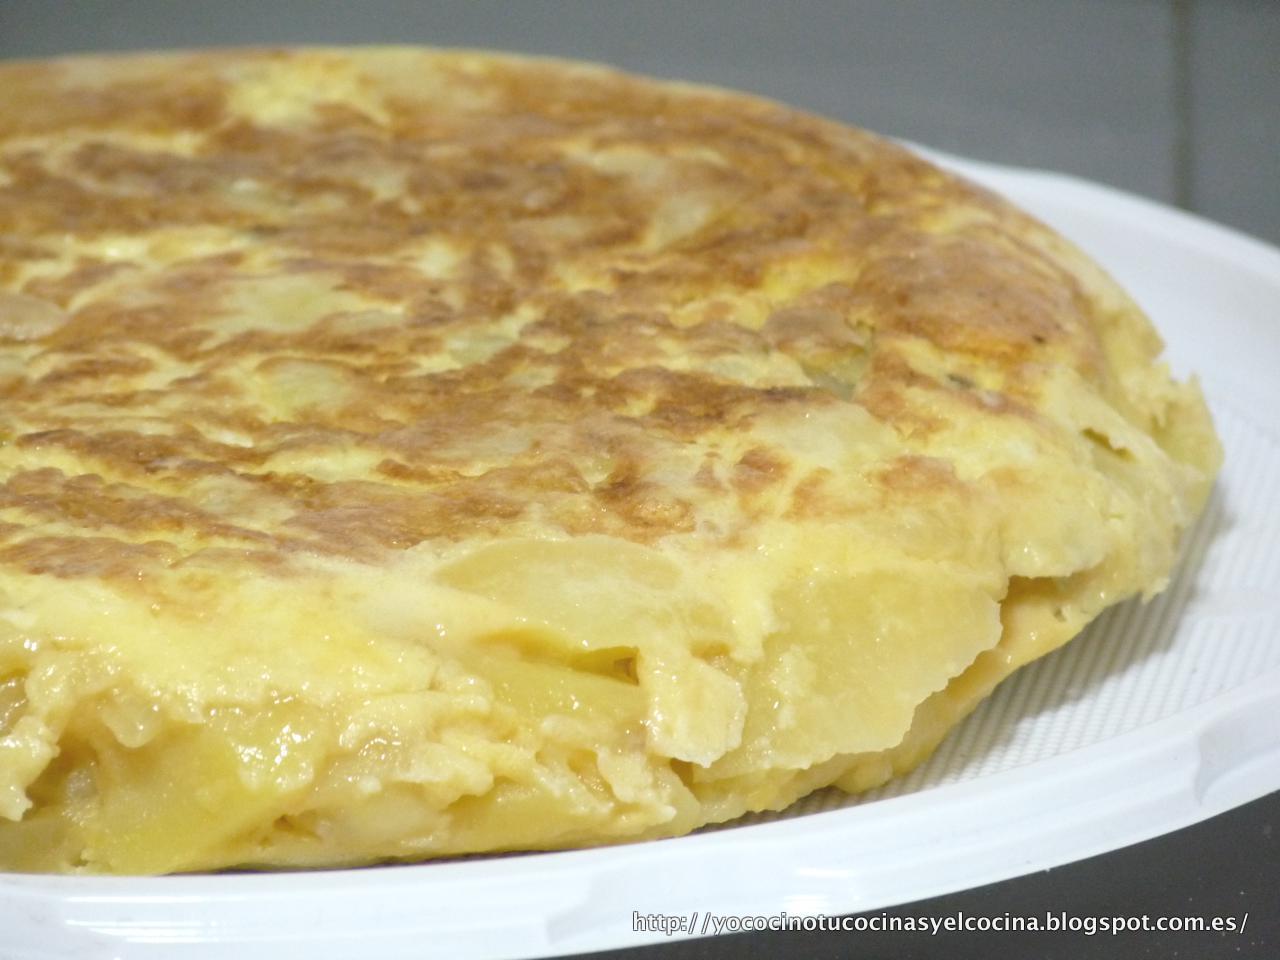 Yo cocino t cocinas y l cocina la mejor tortilla de - Las mejores baterias de cocina del mundo ...